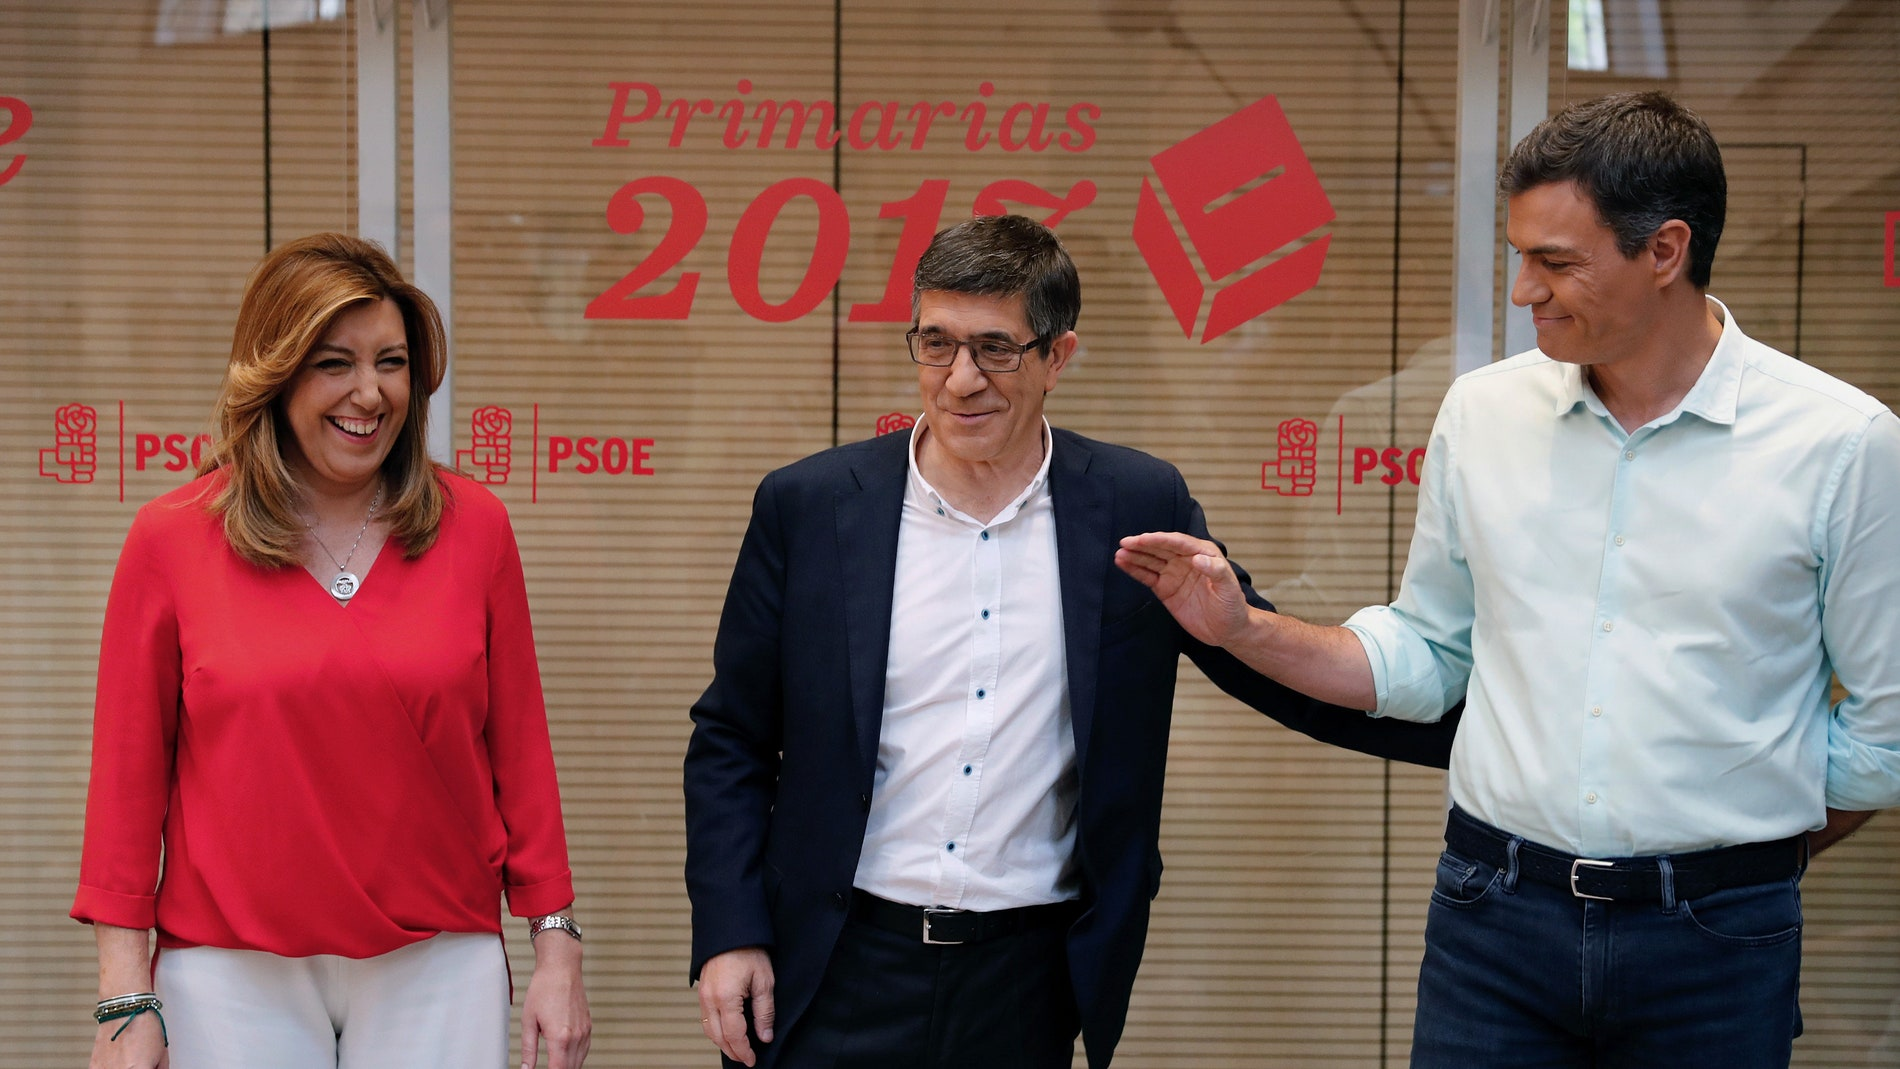 Susana Díaz, Patxi López y Pedro Sánchez, durante el debate de las primarias del PSOE